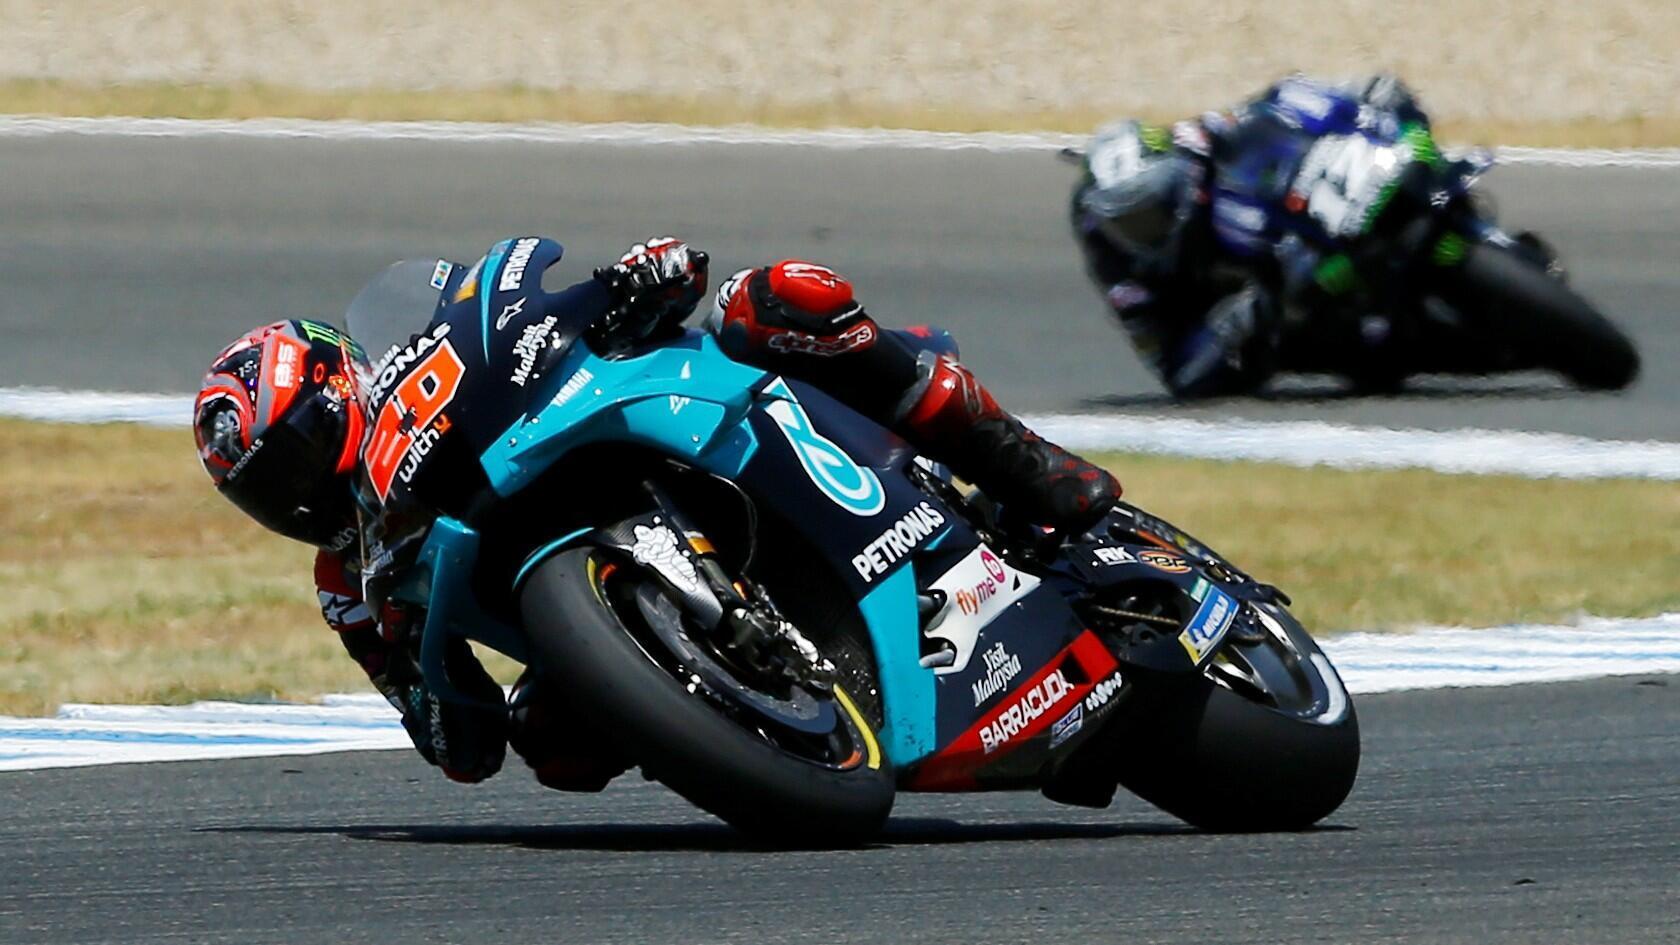 MotoGP - Gran Premio de España - Circuito de Jerez, Jerez, España - 19 de julio de 2020. Fabio Quartararo en acción durante la carrera.